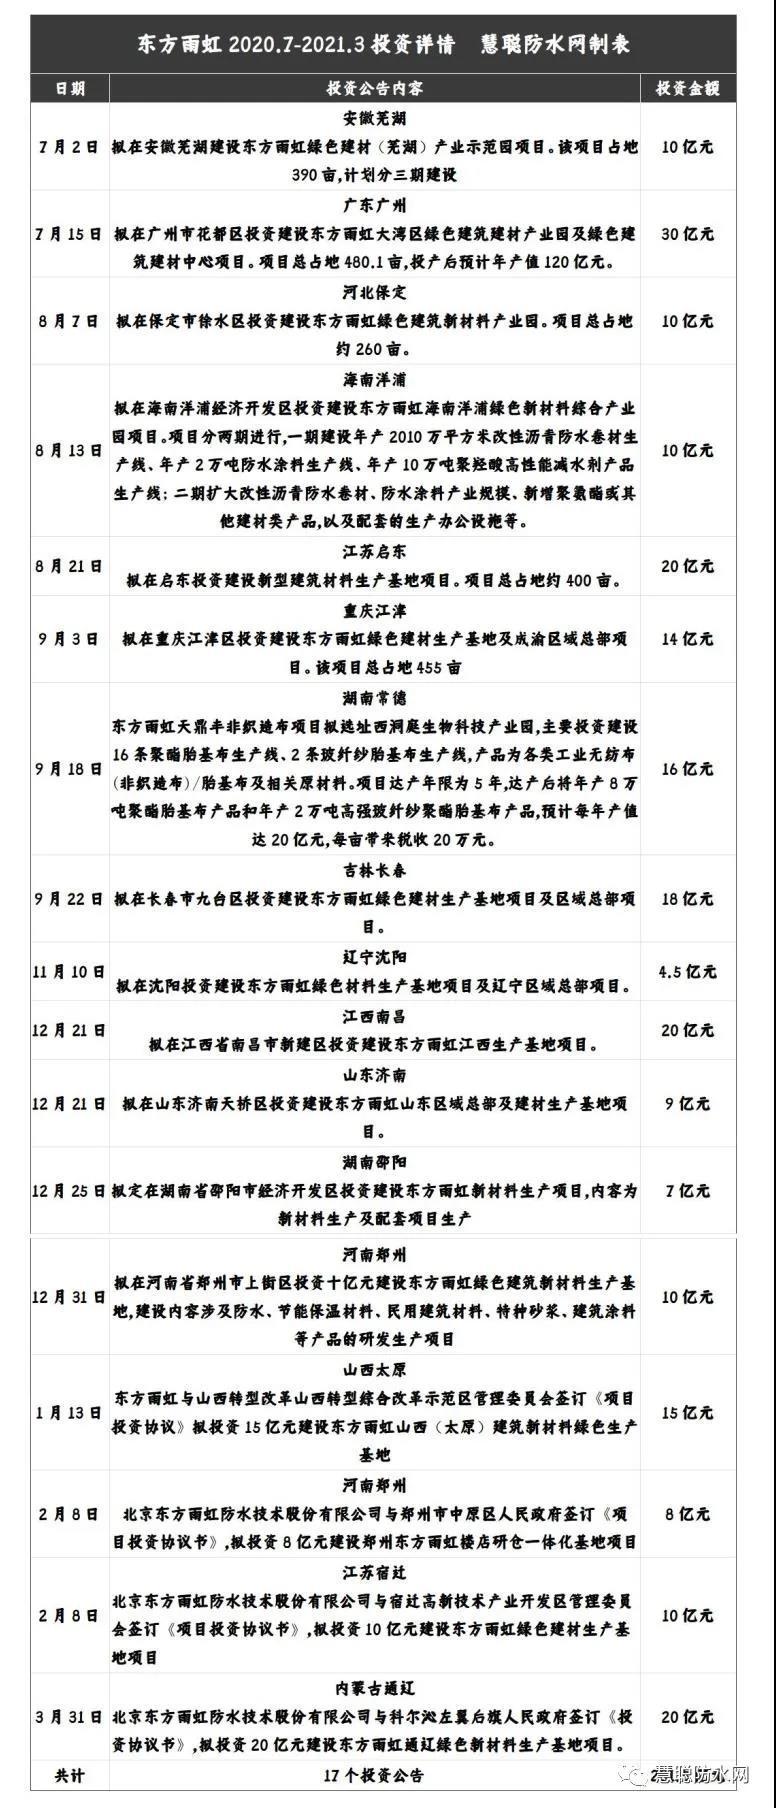 涓滄柟闆ㄨ櫣3.jpg